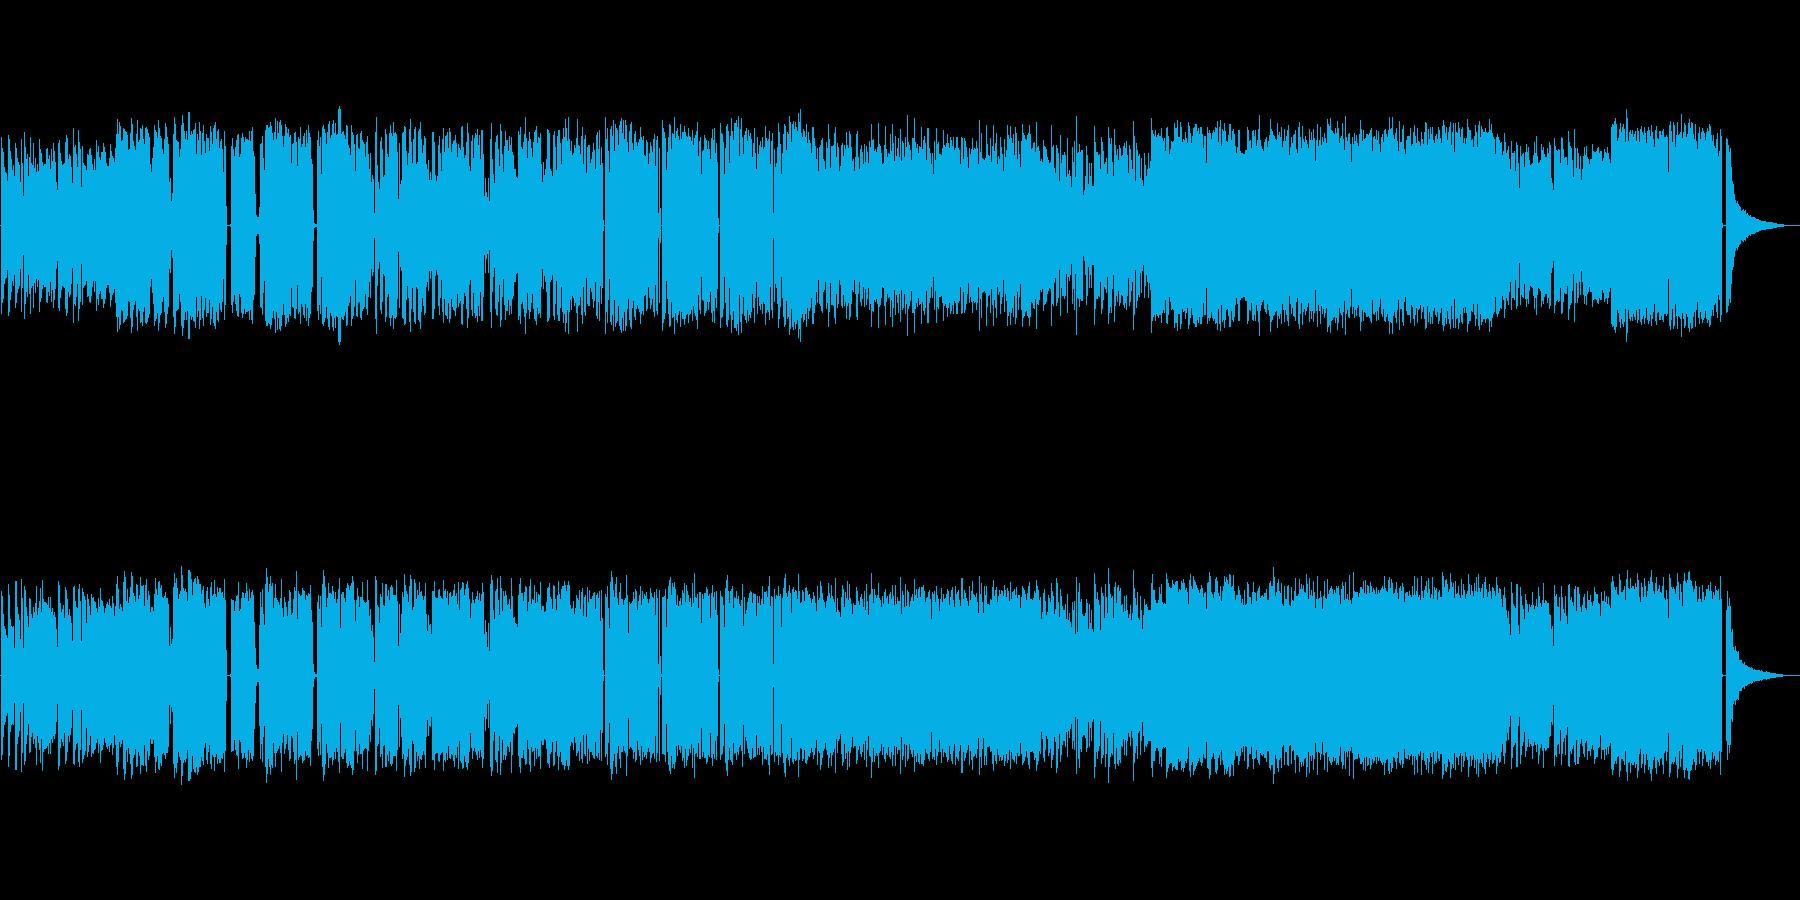 ジャズ寄りのエレクトロミュージックの再生済みの波形